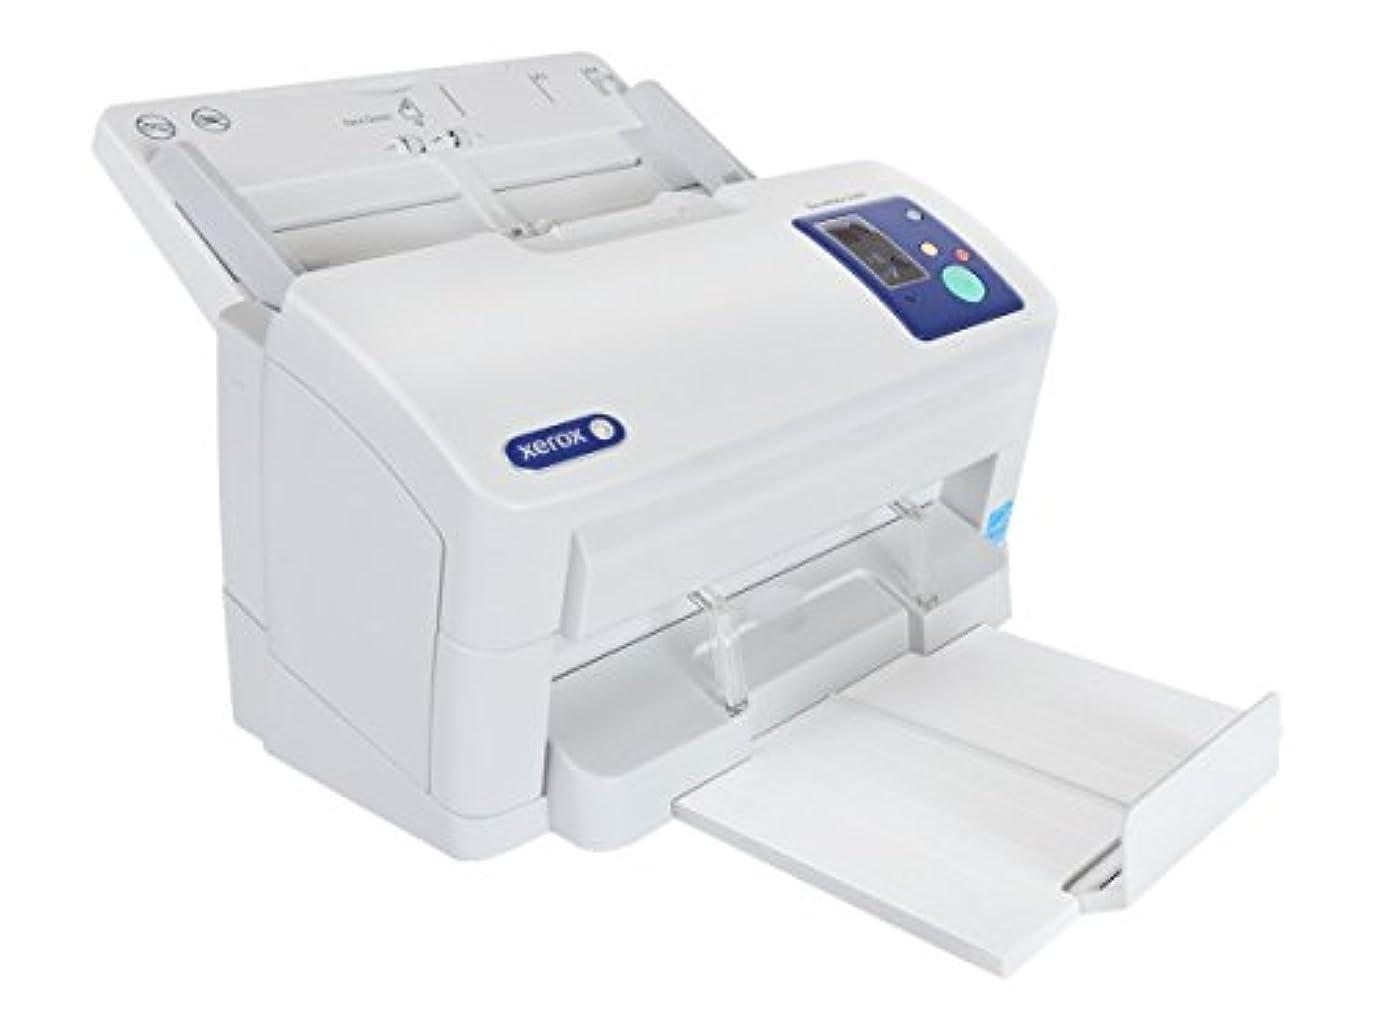 キャリッジパッケージゆるいXerox DocuMate 5460 - Document scanner - Duplex - 8.5 in x 100 in - 600 dpi - up to 60 ppm (mono) - ADF ( 75 sheets ) - up to 4000 scans per day - USB 2.0